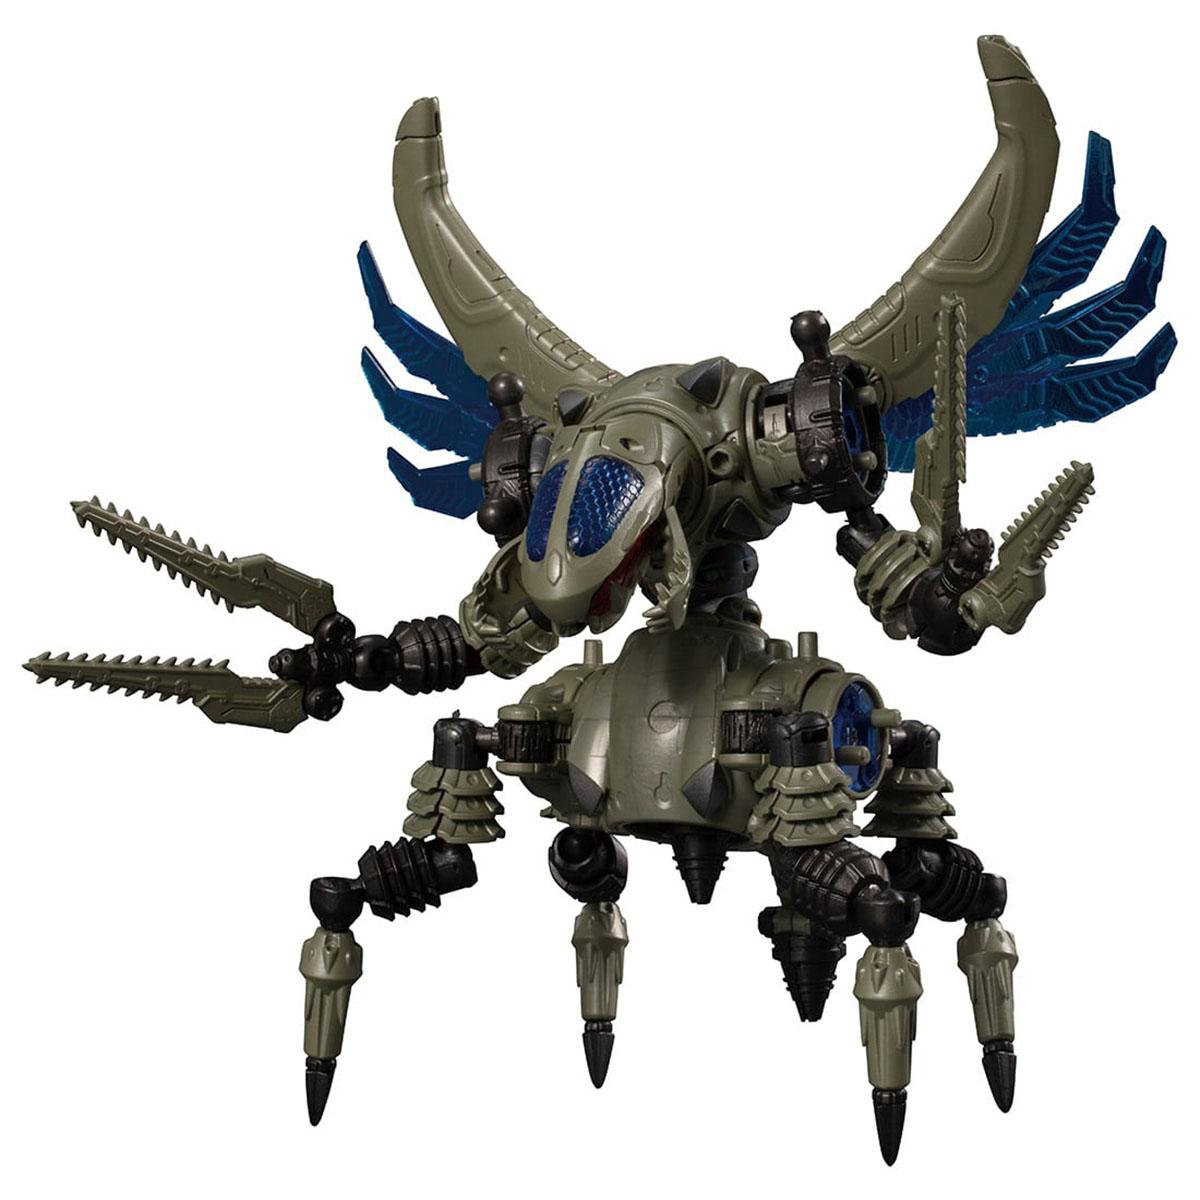 ダイアクロン『DA-38 ワルダレイダー〈バグヘッド〉』可動フィギュア-006